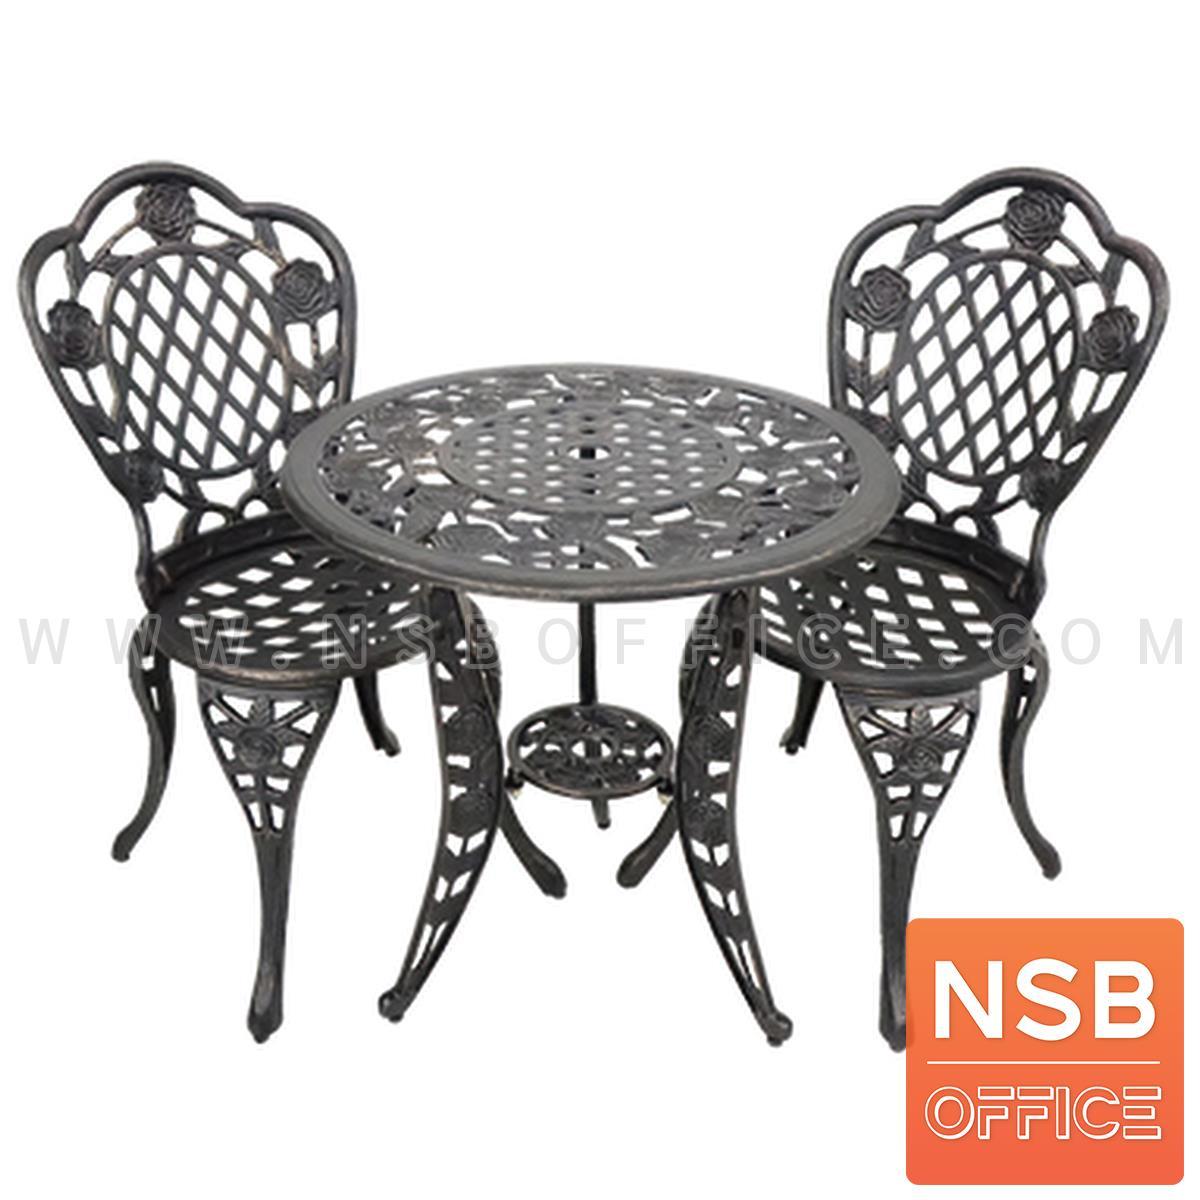 G08A317:ชุดโต๊ะและเก้าอี้เหล็กหล่อ รุ่น Connie (คอนนี่) 2 ที่นั่ง พร้อมโต๊ะกลาง